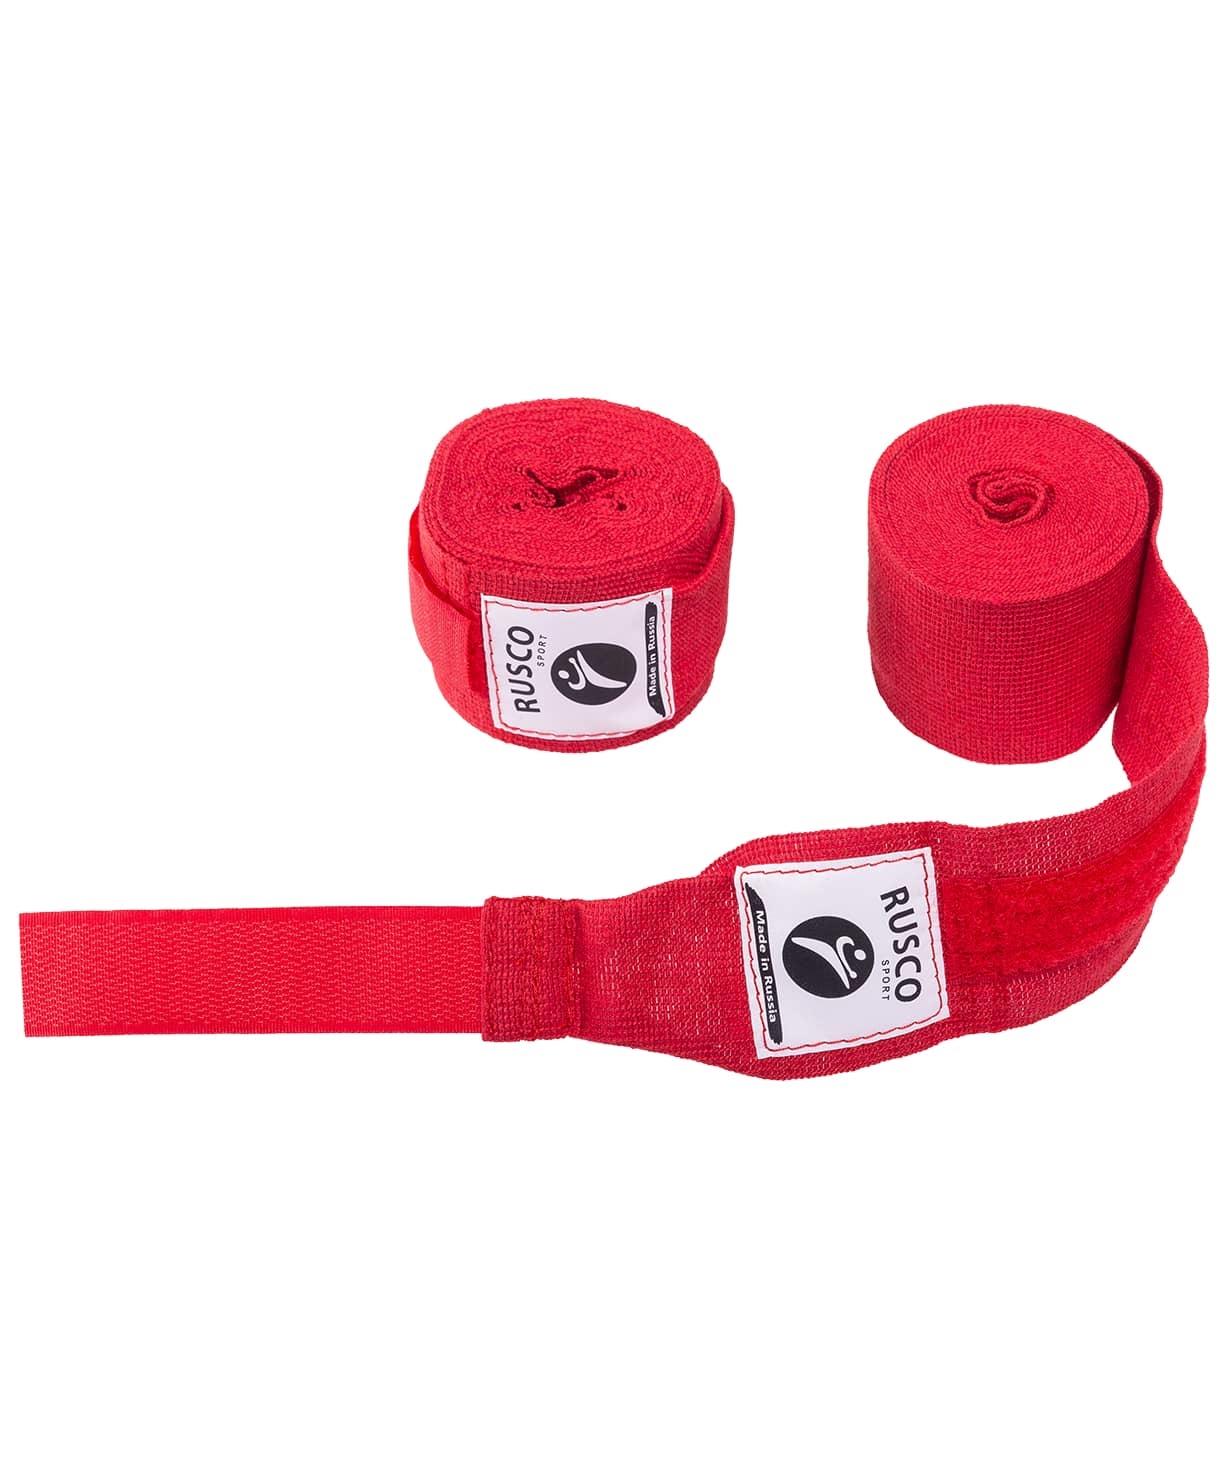 Бинт боксерский, 4,5 м, хлопок, красный